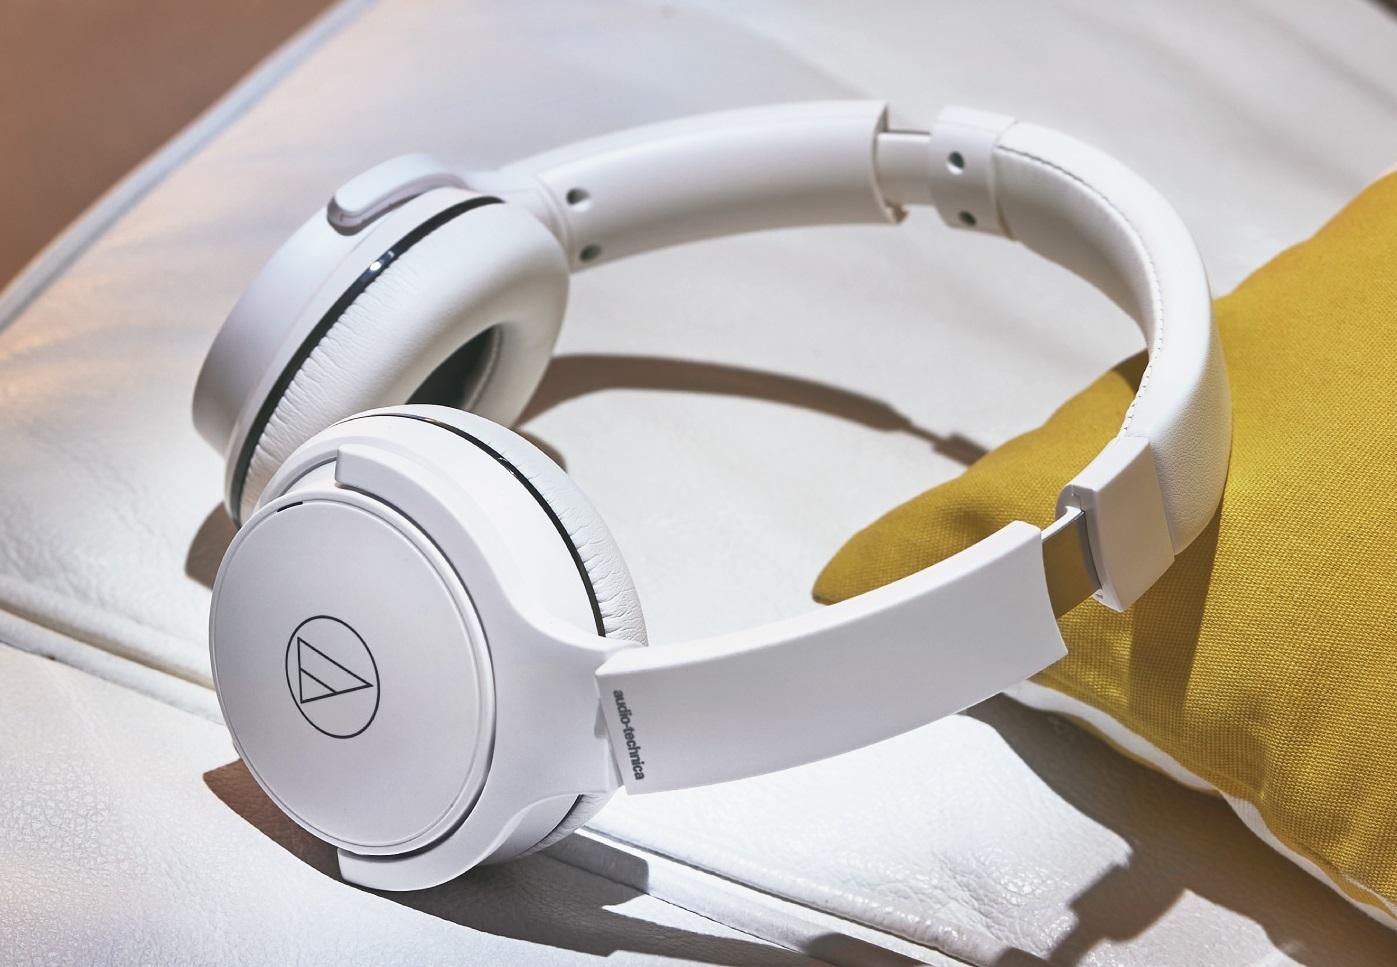 Audio-Technica lance un casque Bluetooth accessible avec une autonomie monstrueuse